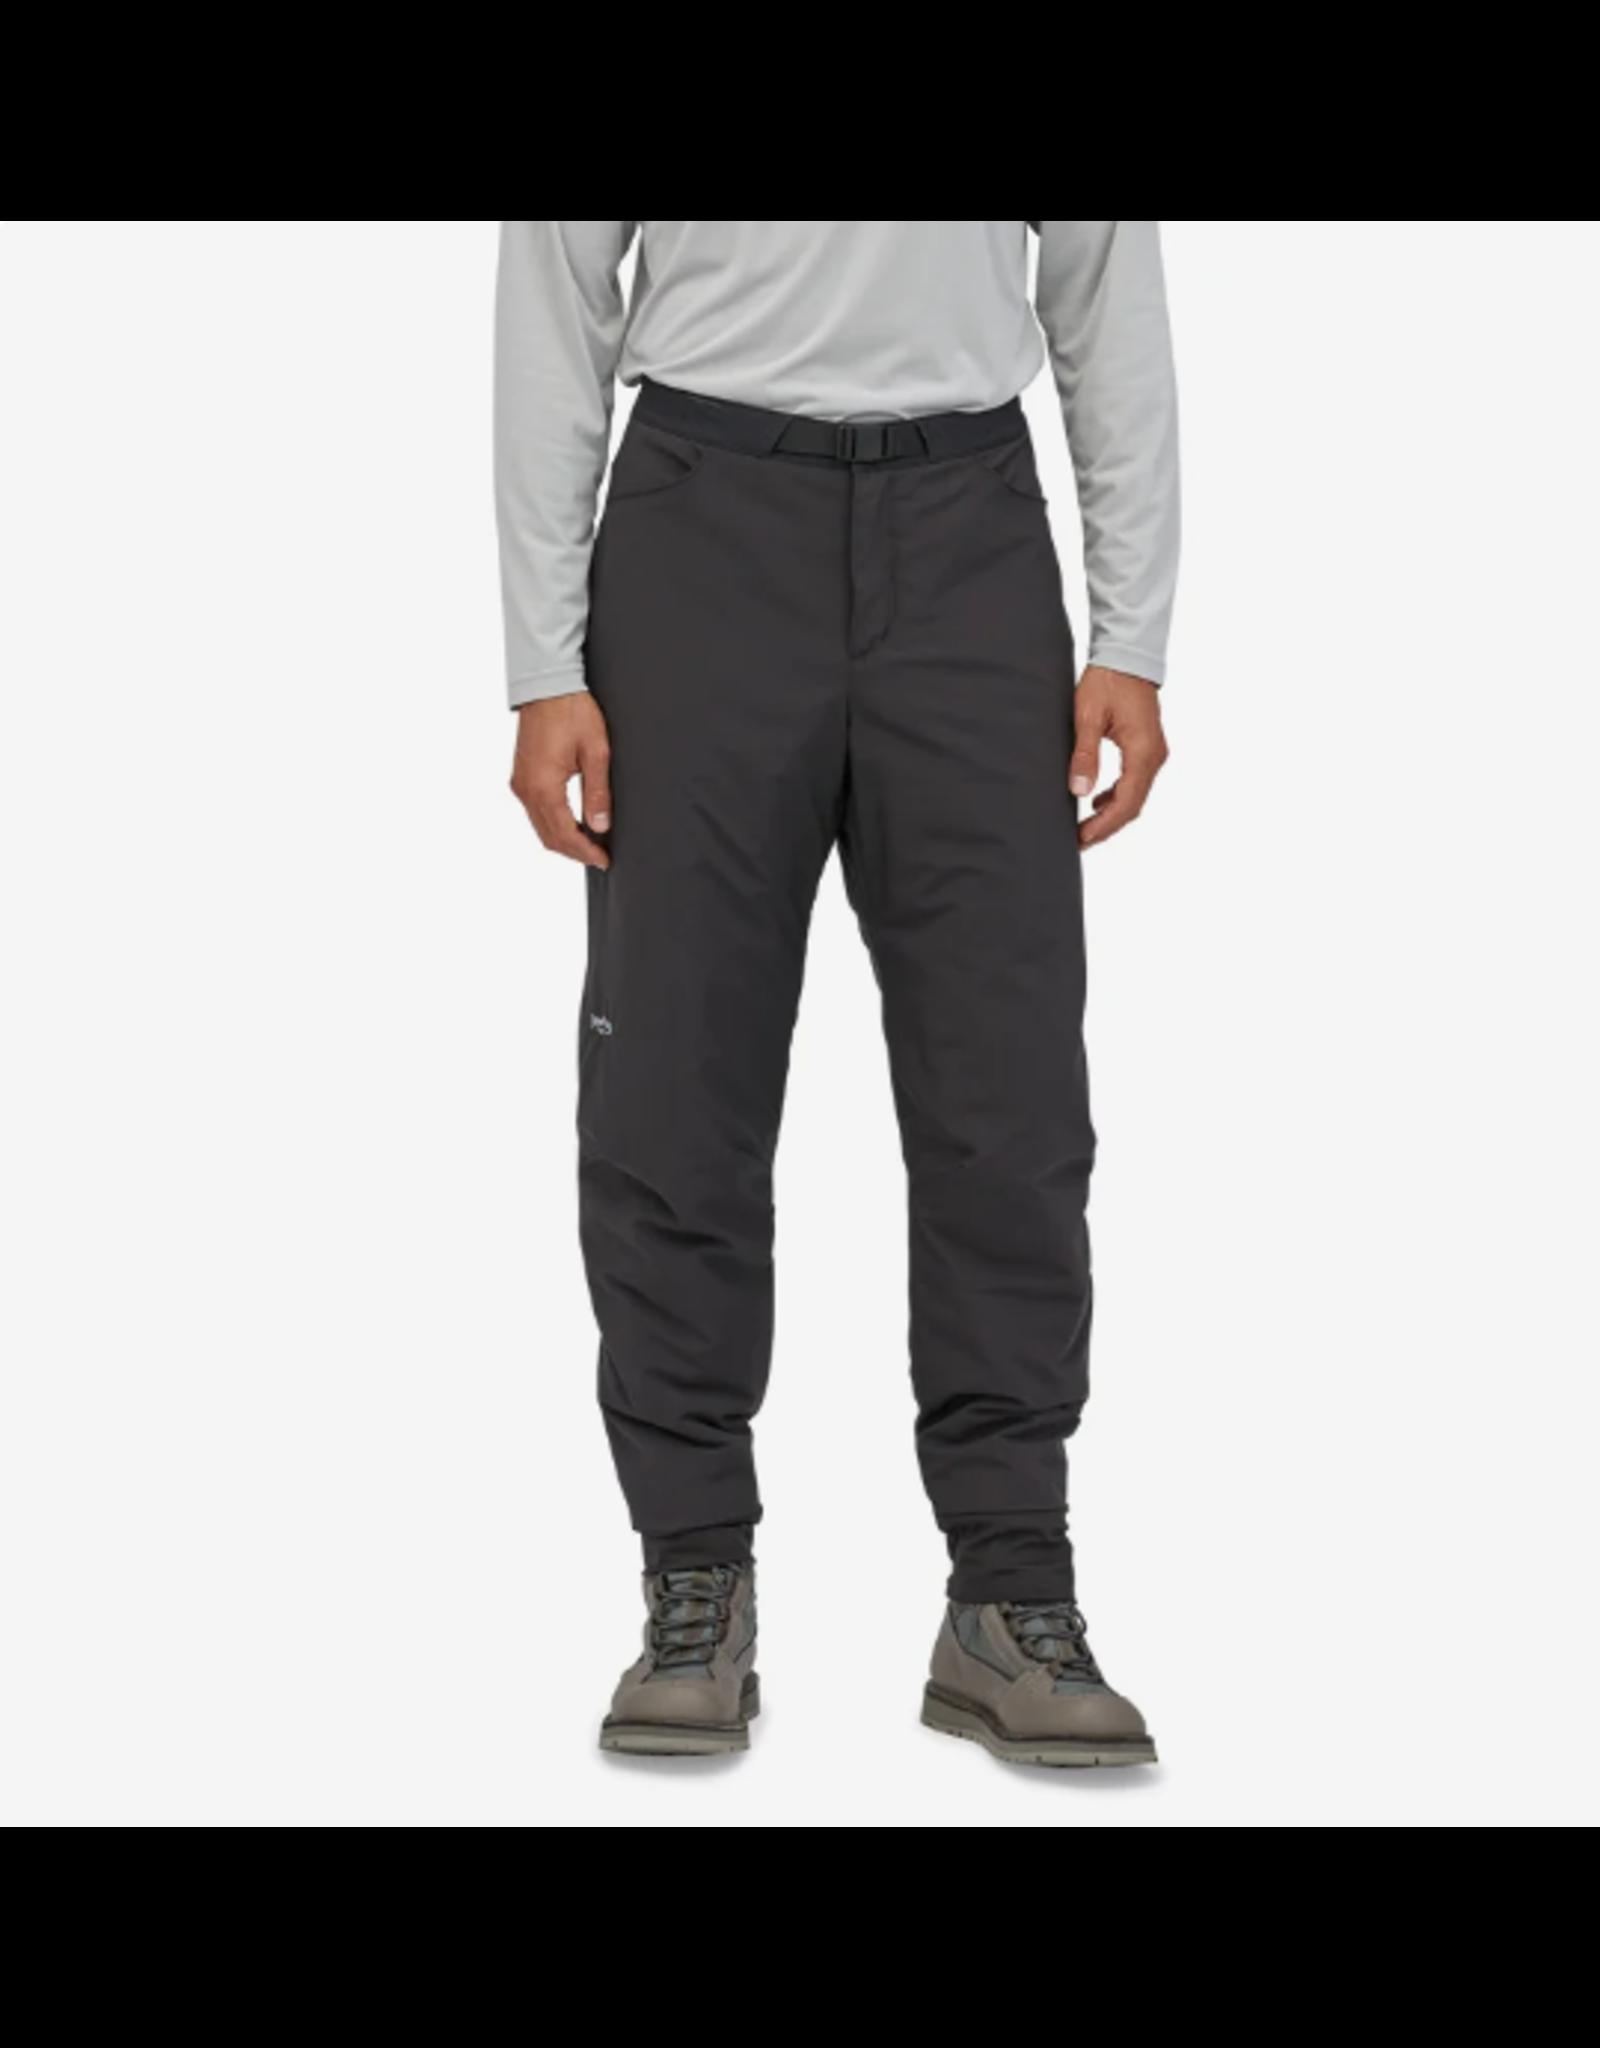 Patagonia Patagonia Men's Tough Puff Pants